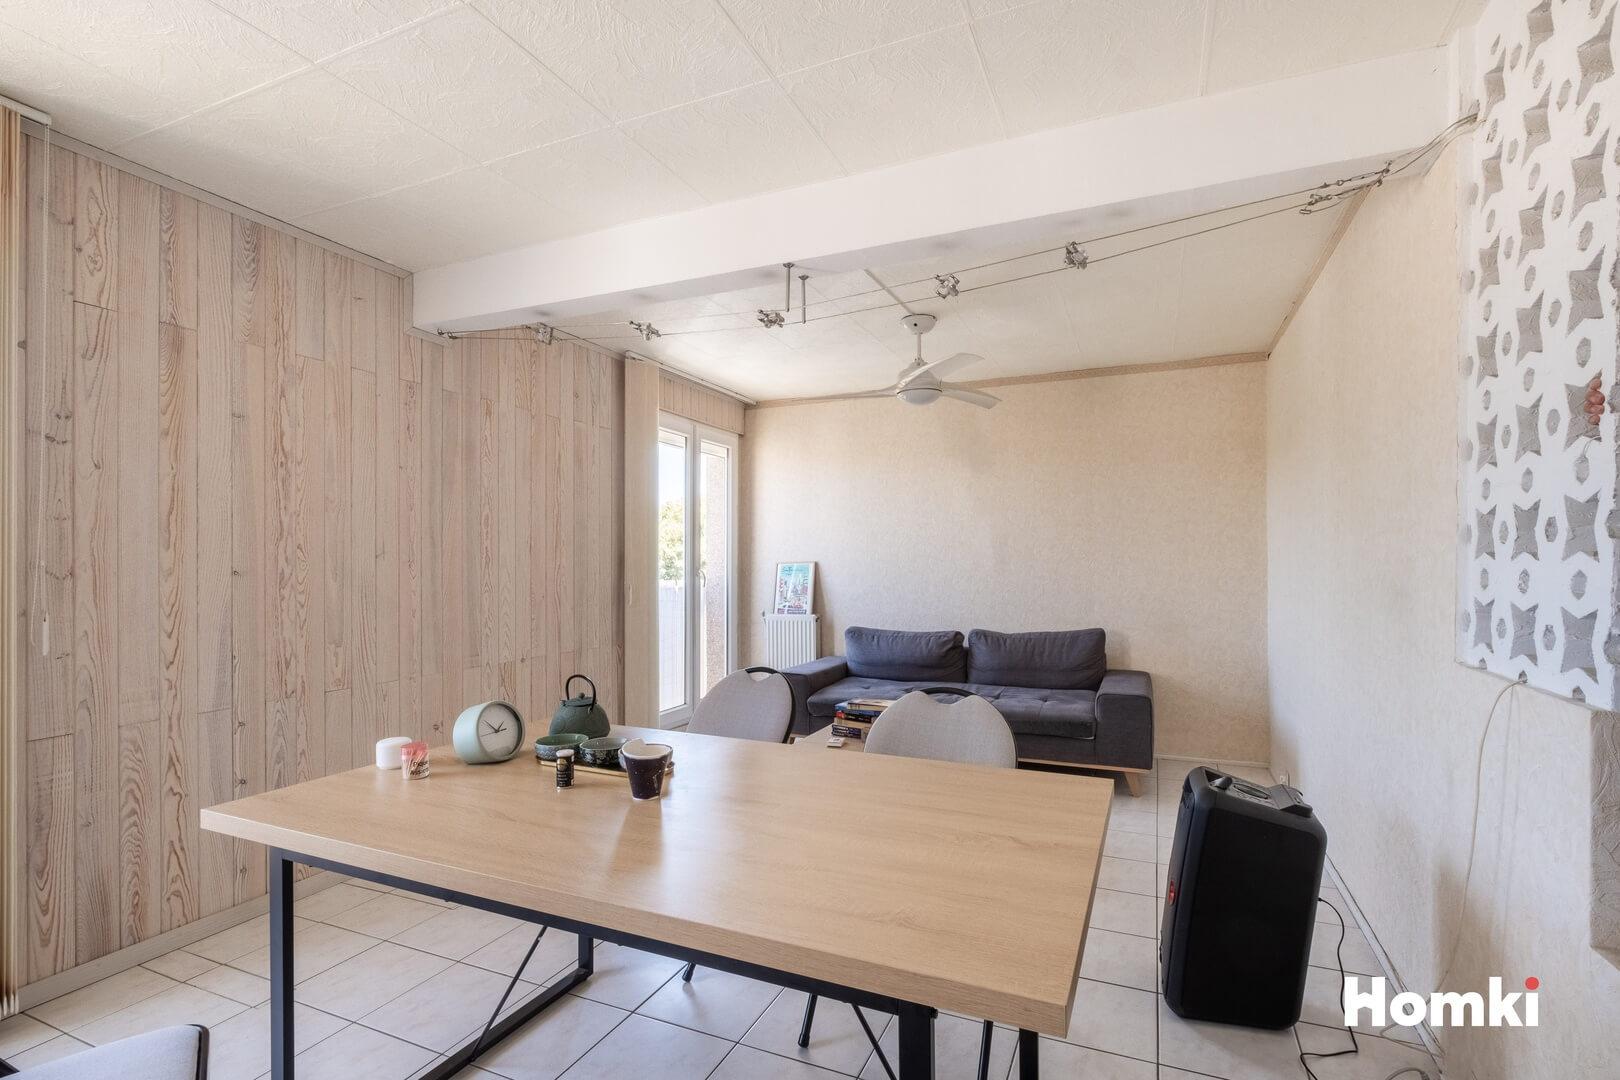 Homki - Vente Appartement  de 73.0 m² à Toulouse 31500